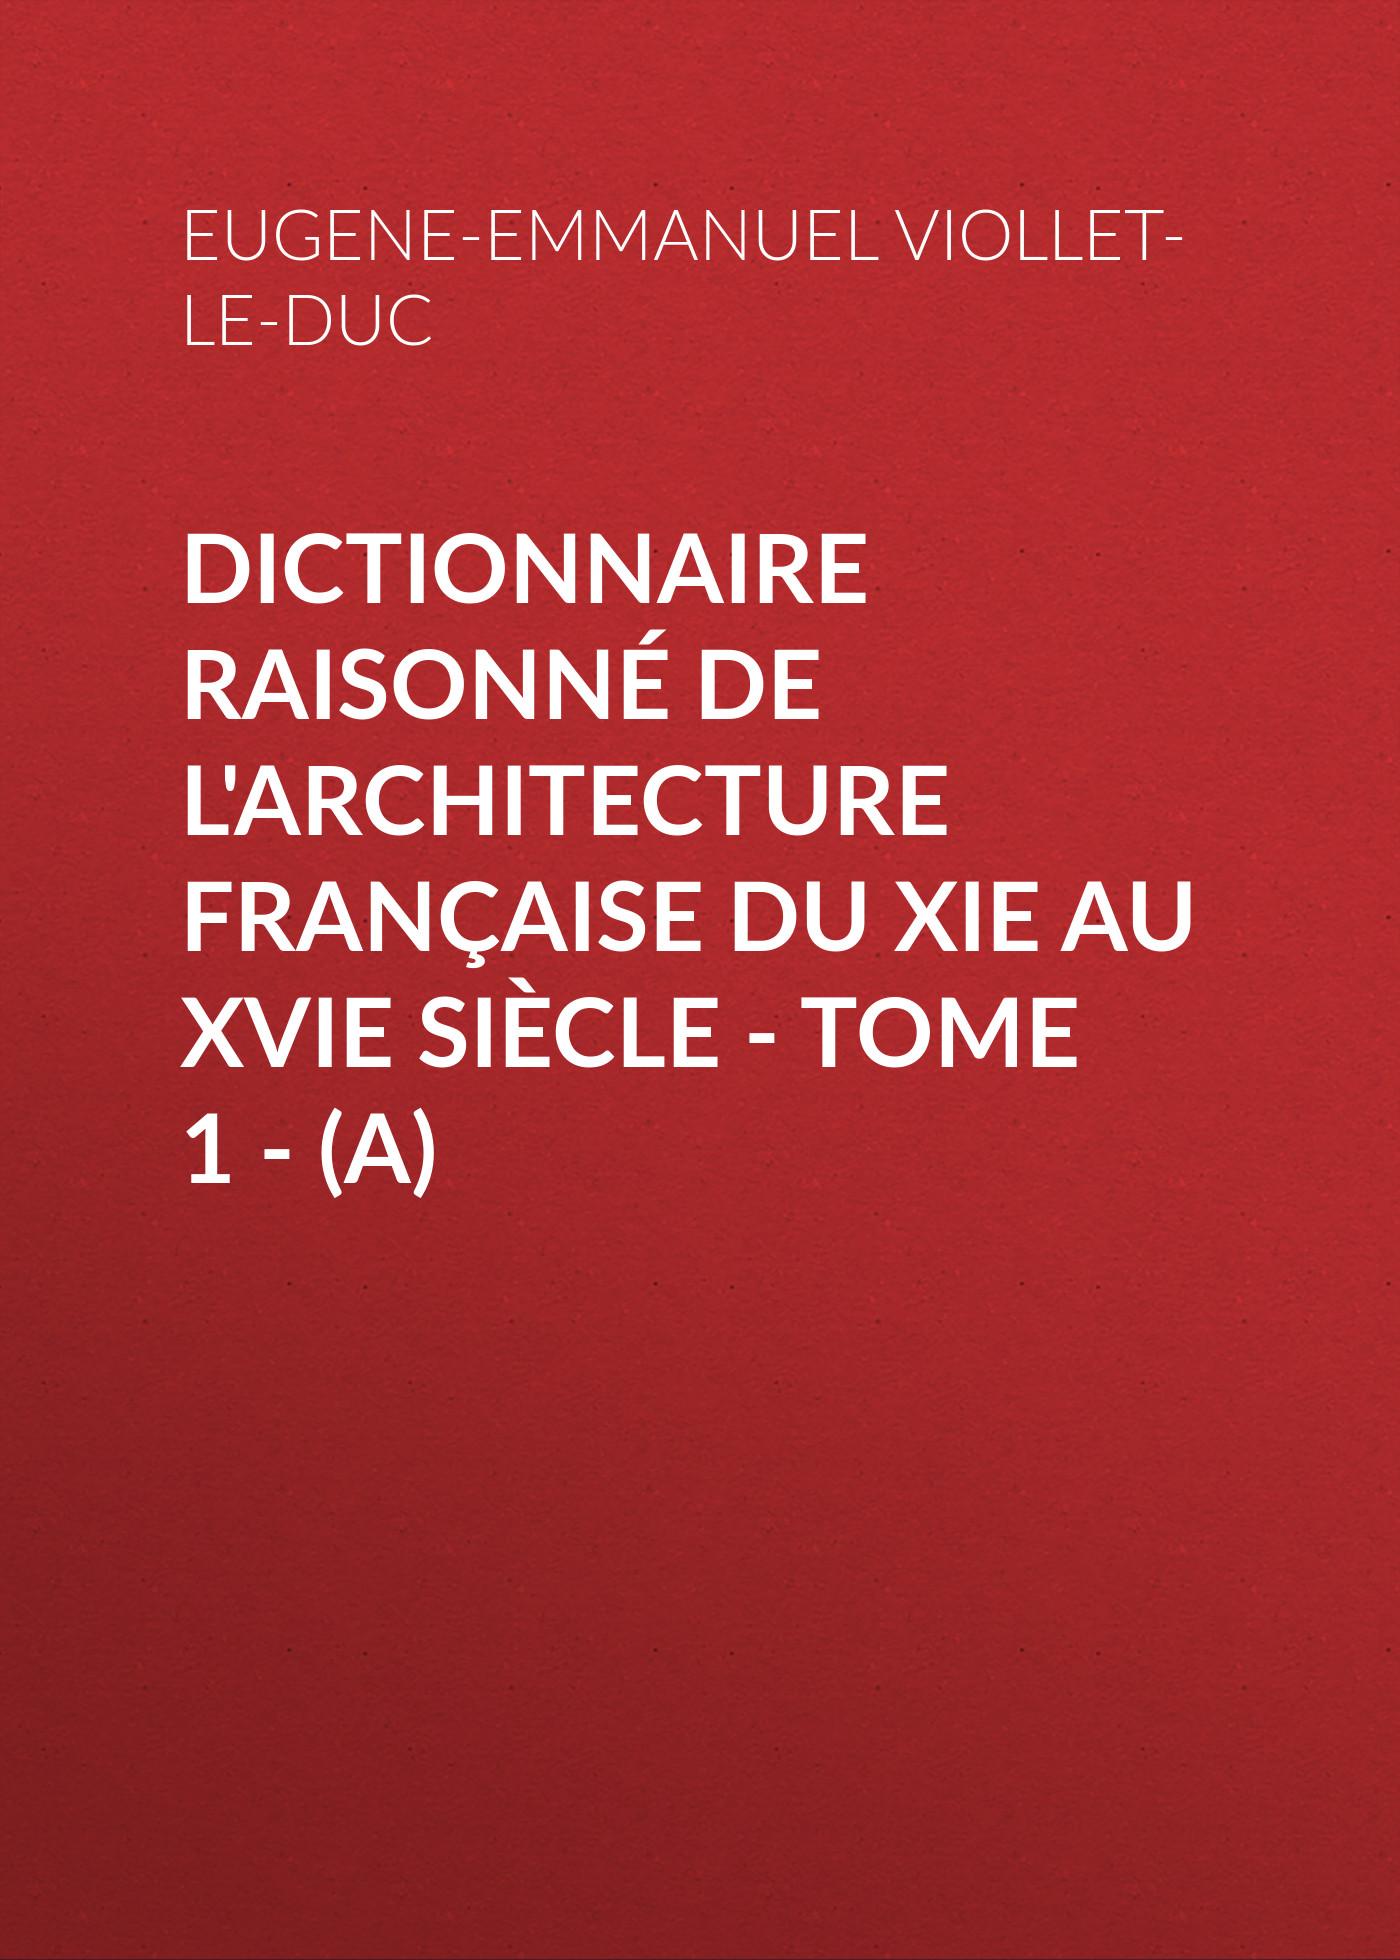 Eugene-Emmanuel Viollet-le-Duc Dictionnaire raisonné de l'architecture française du XIe au XVIe siècle - Tome 1 - (A) eugène emmanuel viollet le duc la cite de carcassonne aude french edition